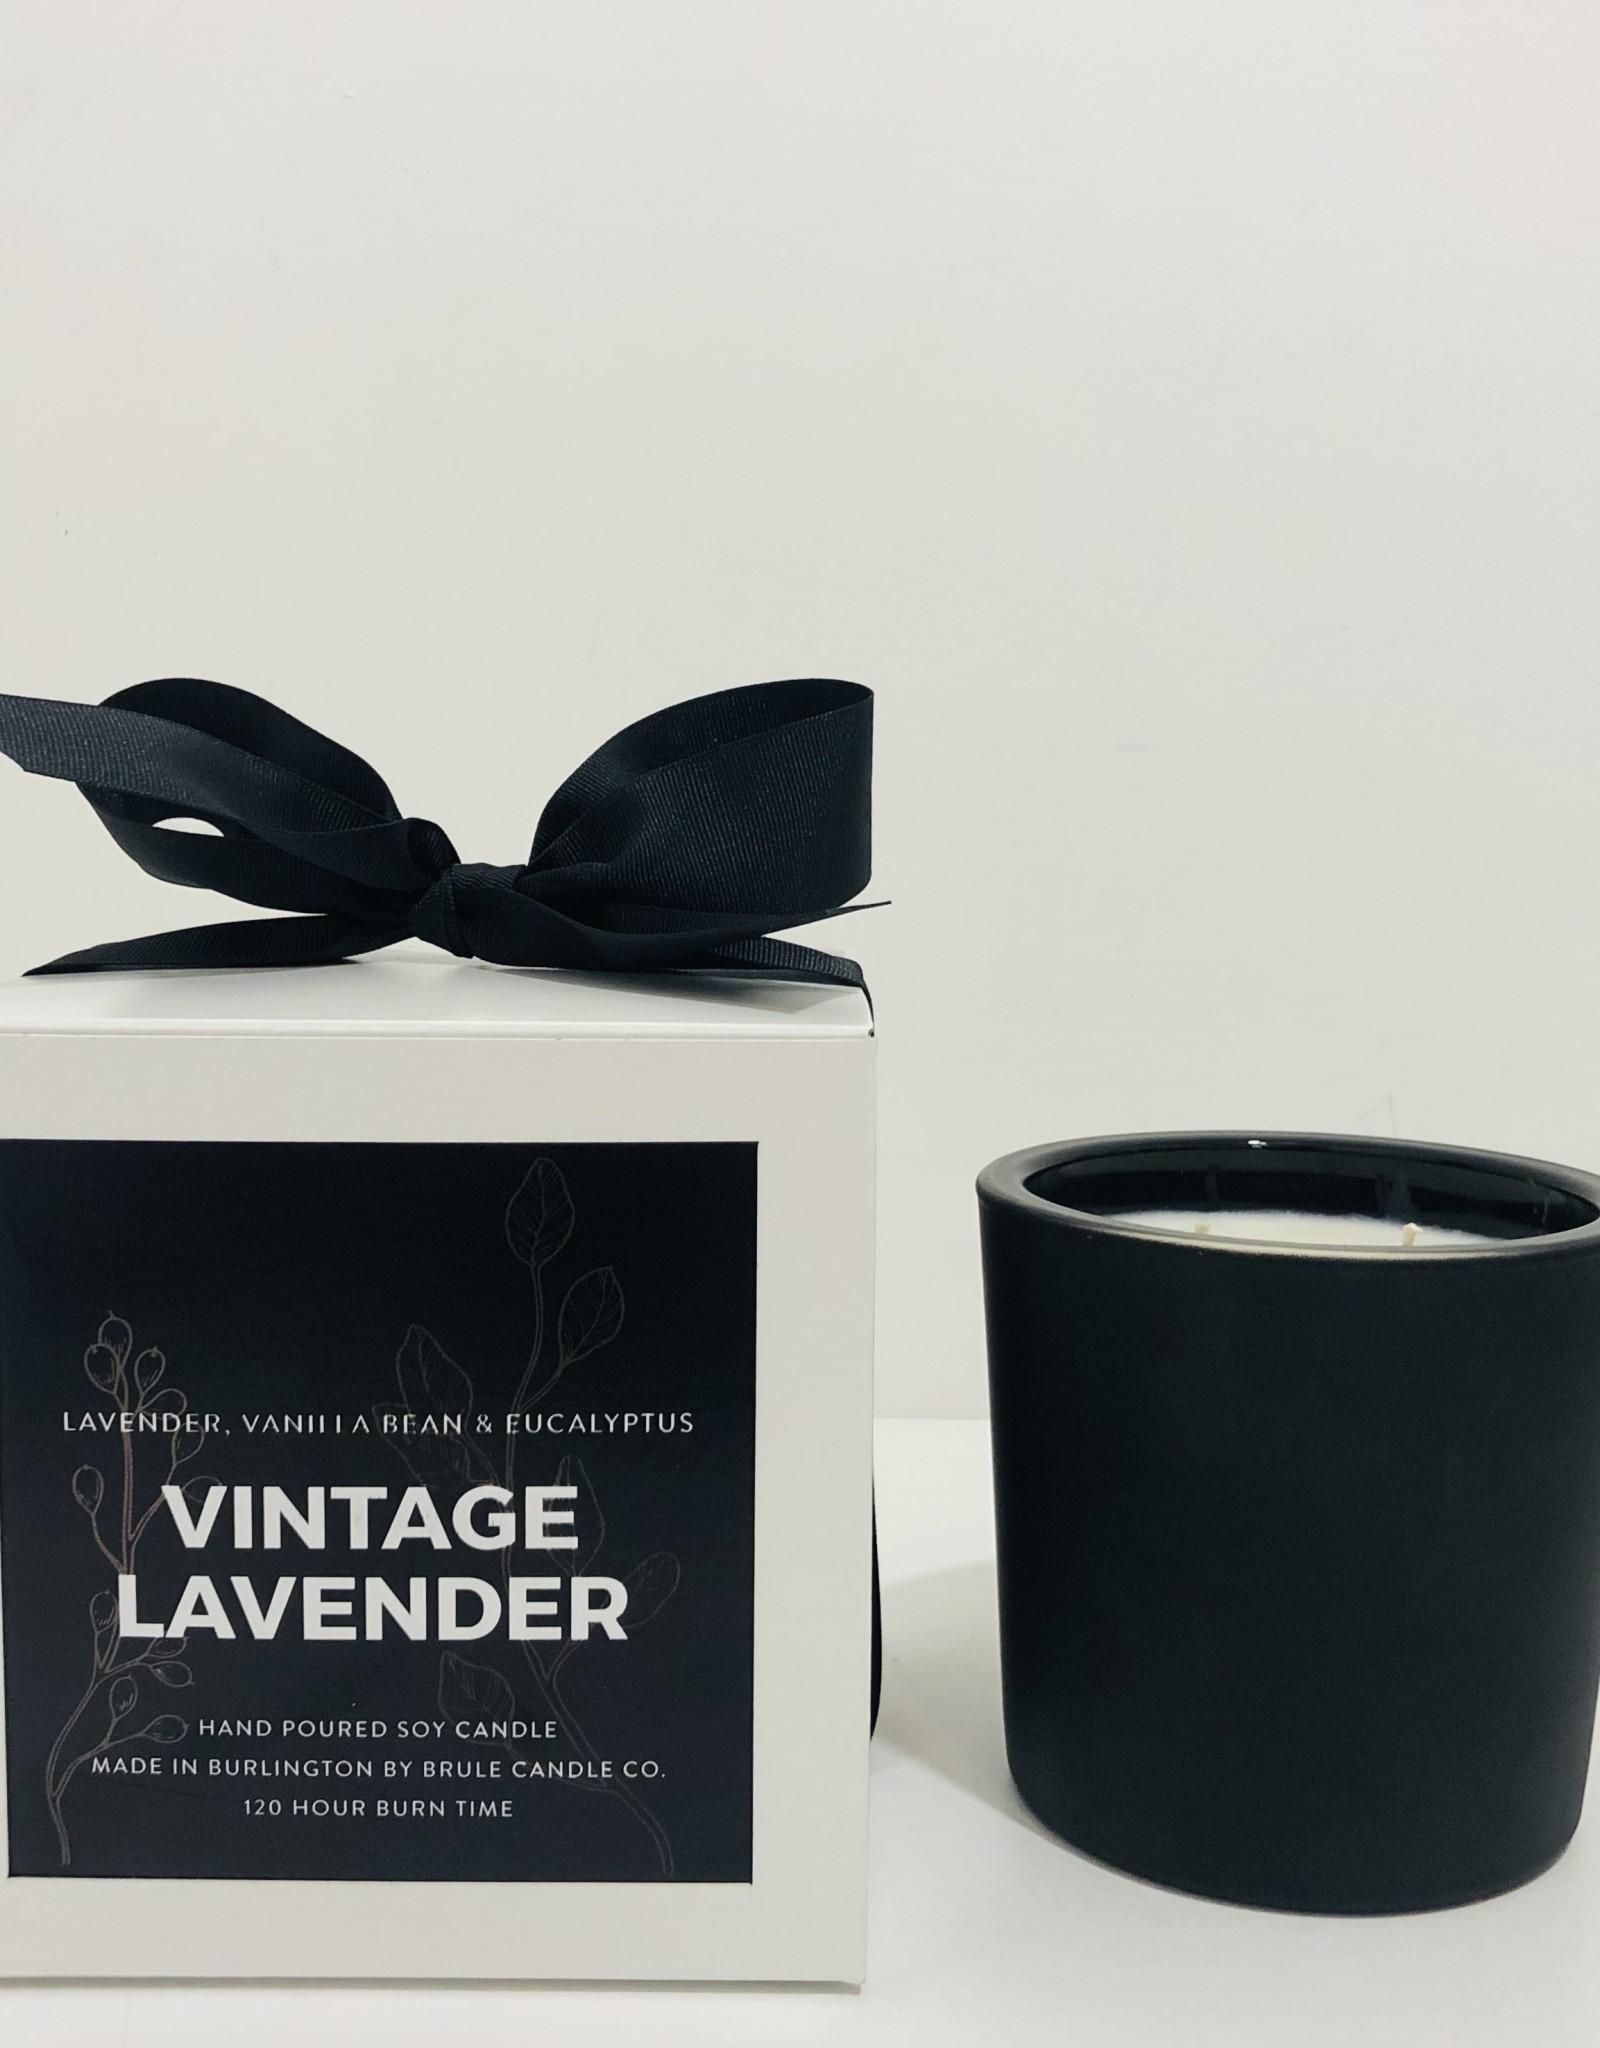 Brule Vintage Lavender 2 Wick Candle